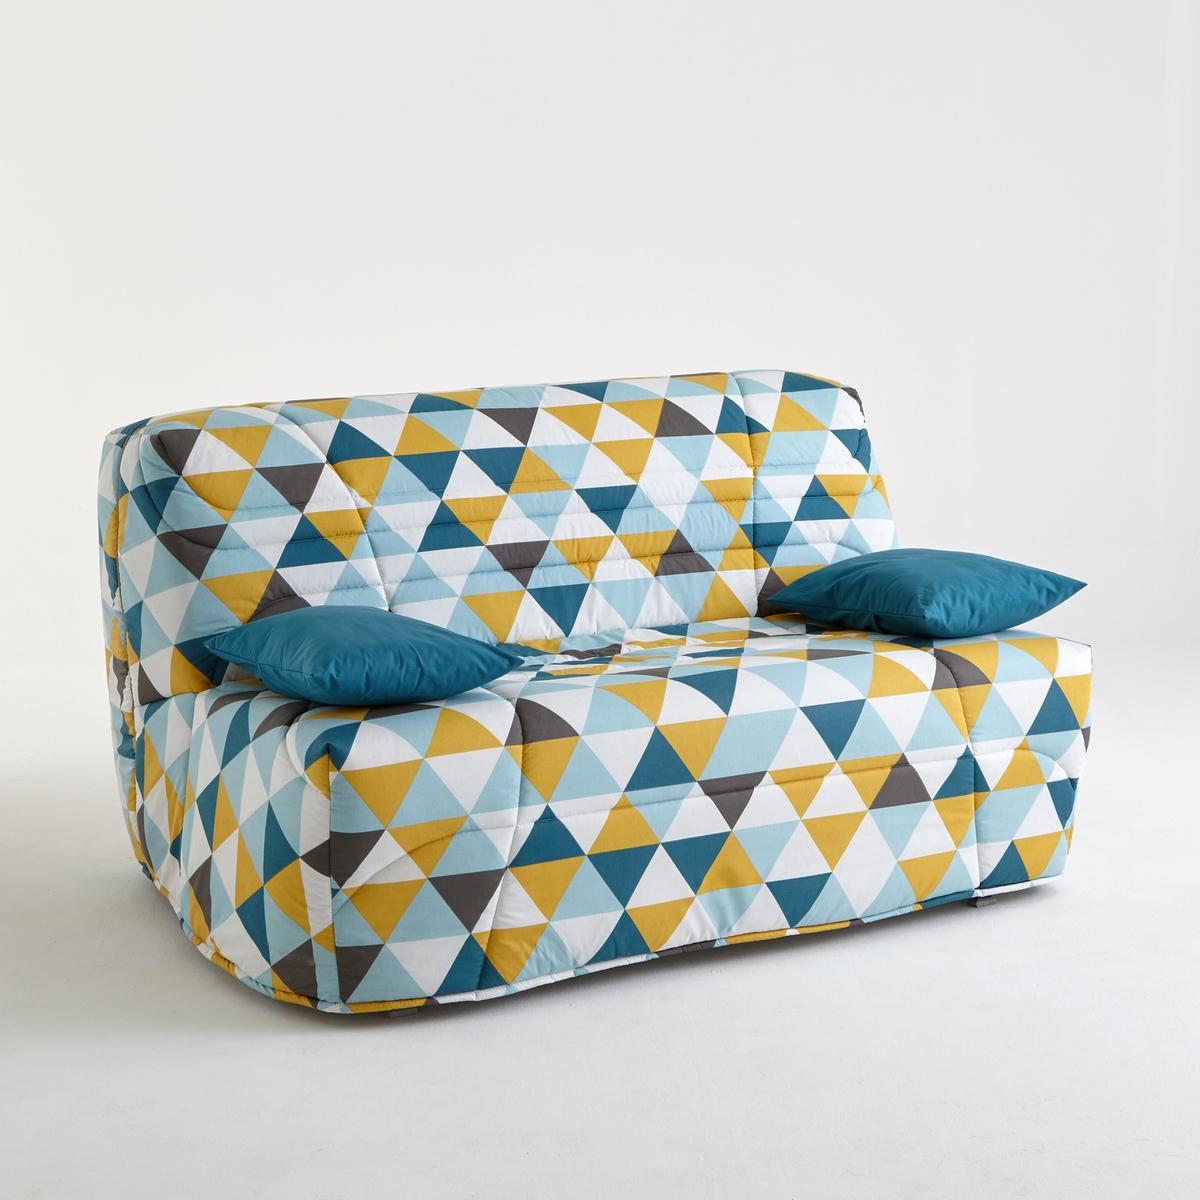 Чехол для дивана-книжки BZ матрас 15 см 250 г/м²